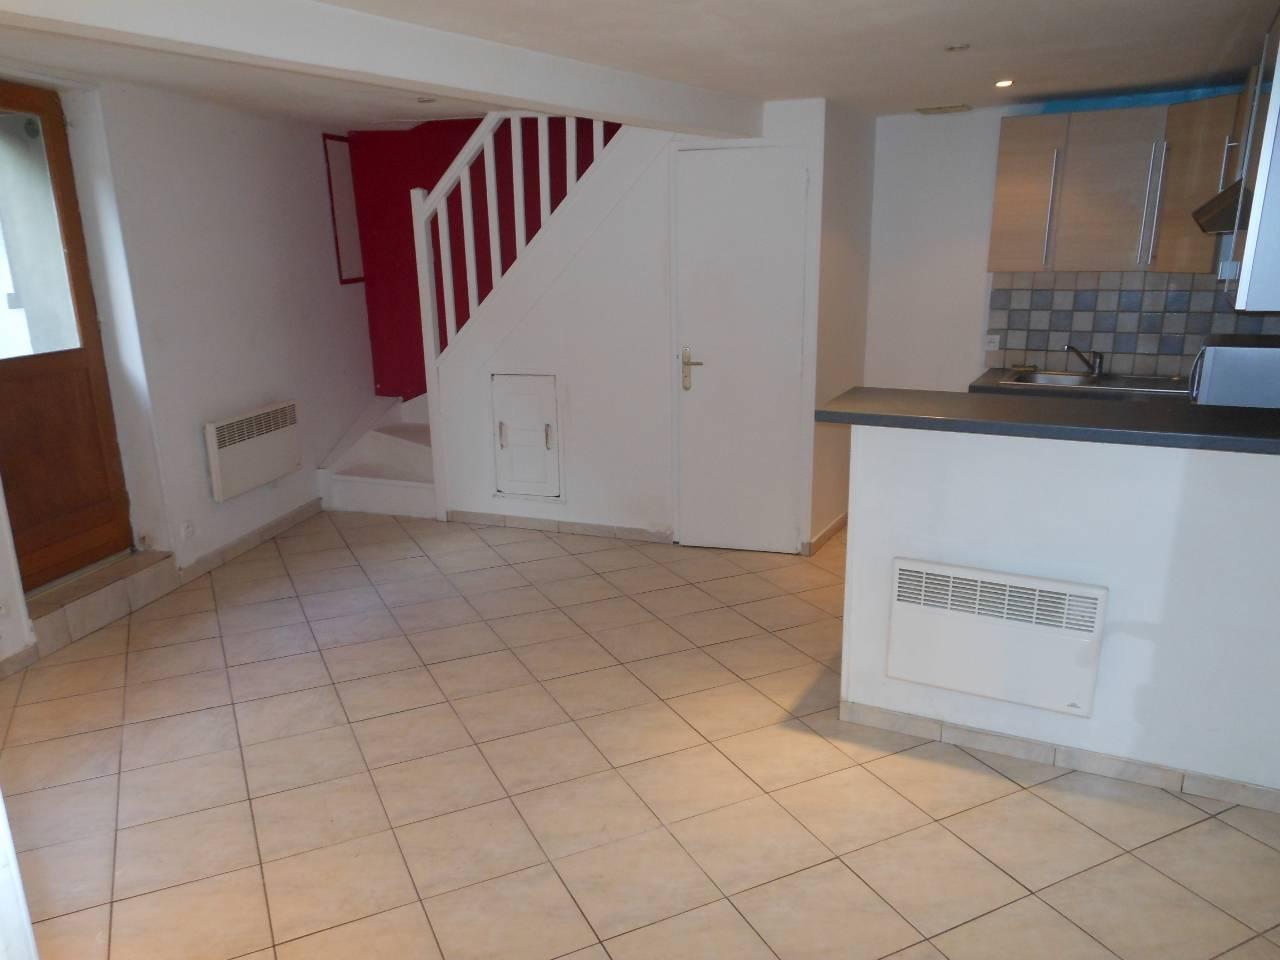 Location appartement Metz : les affaires entre particuliers